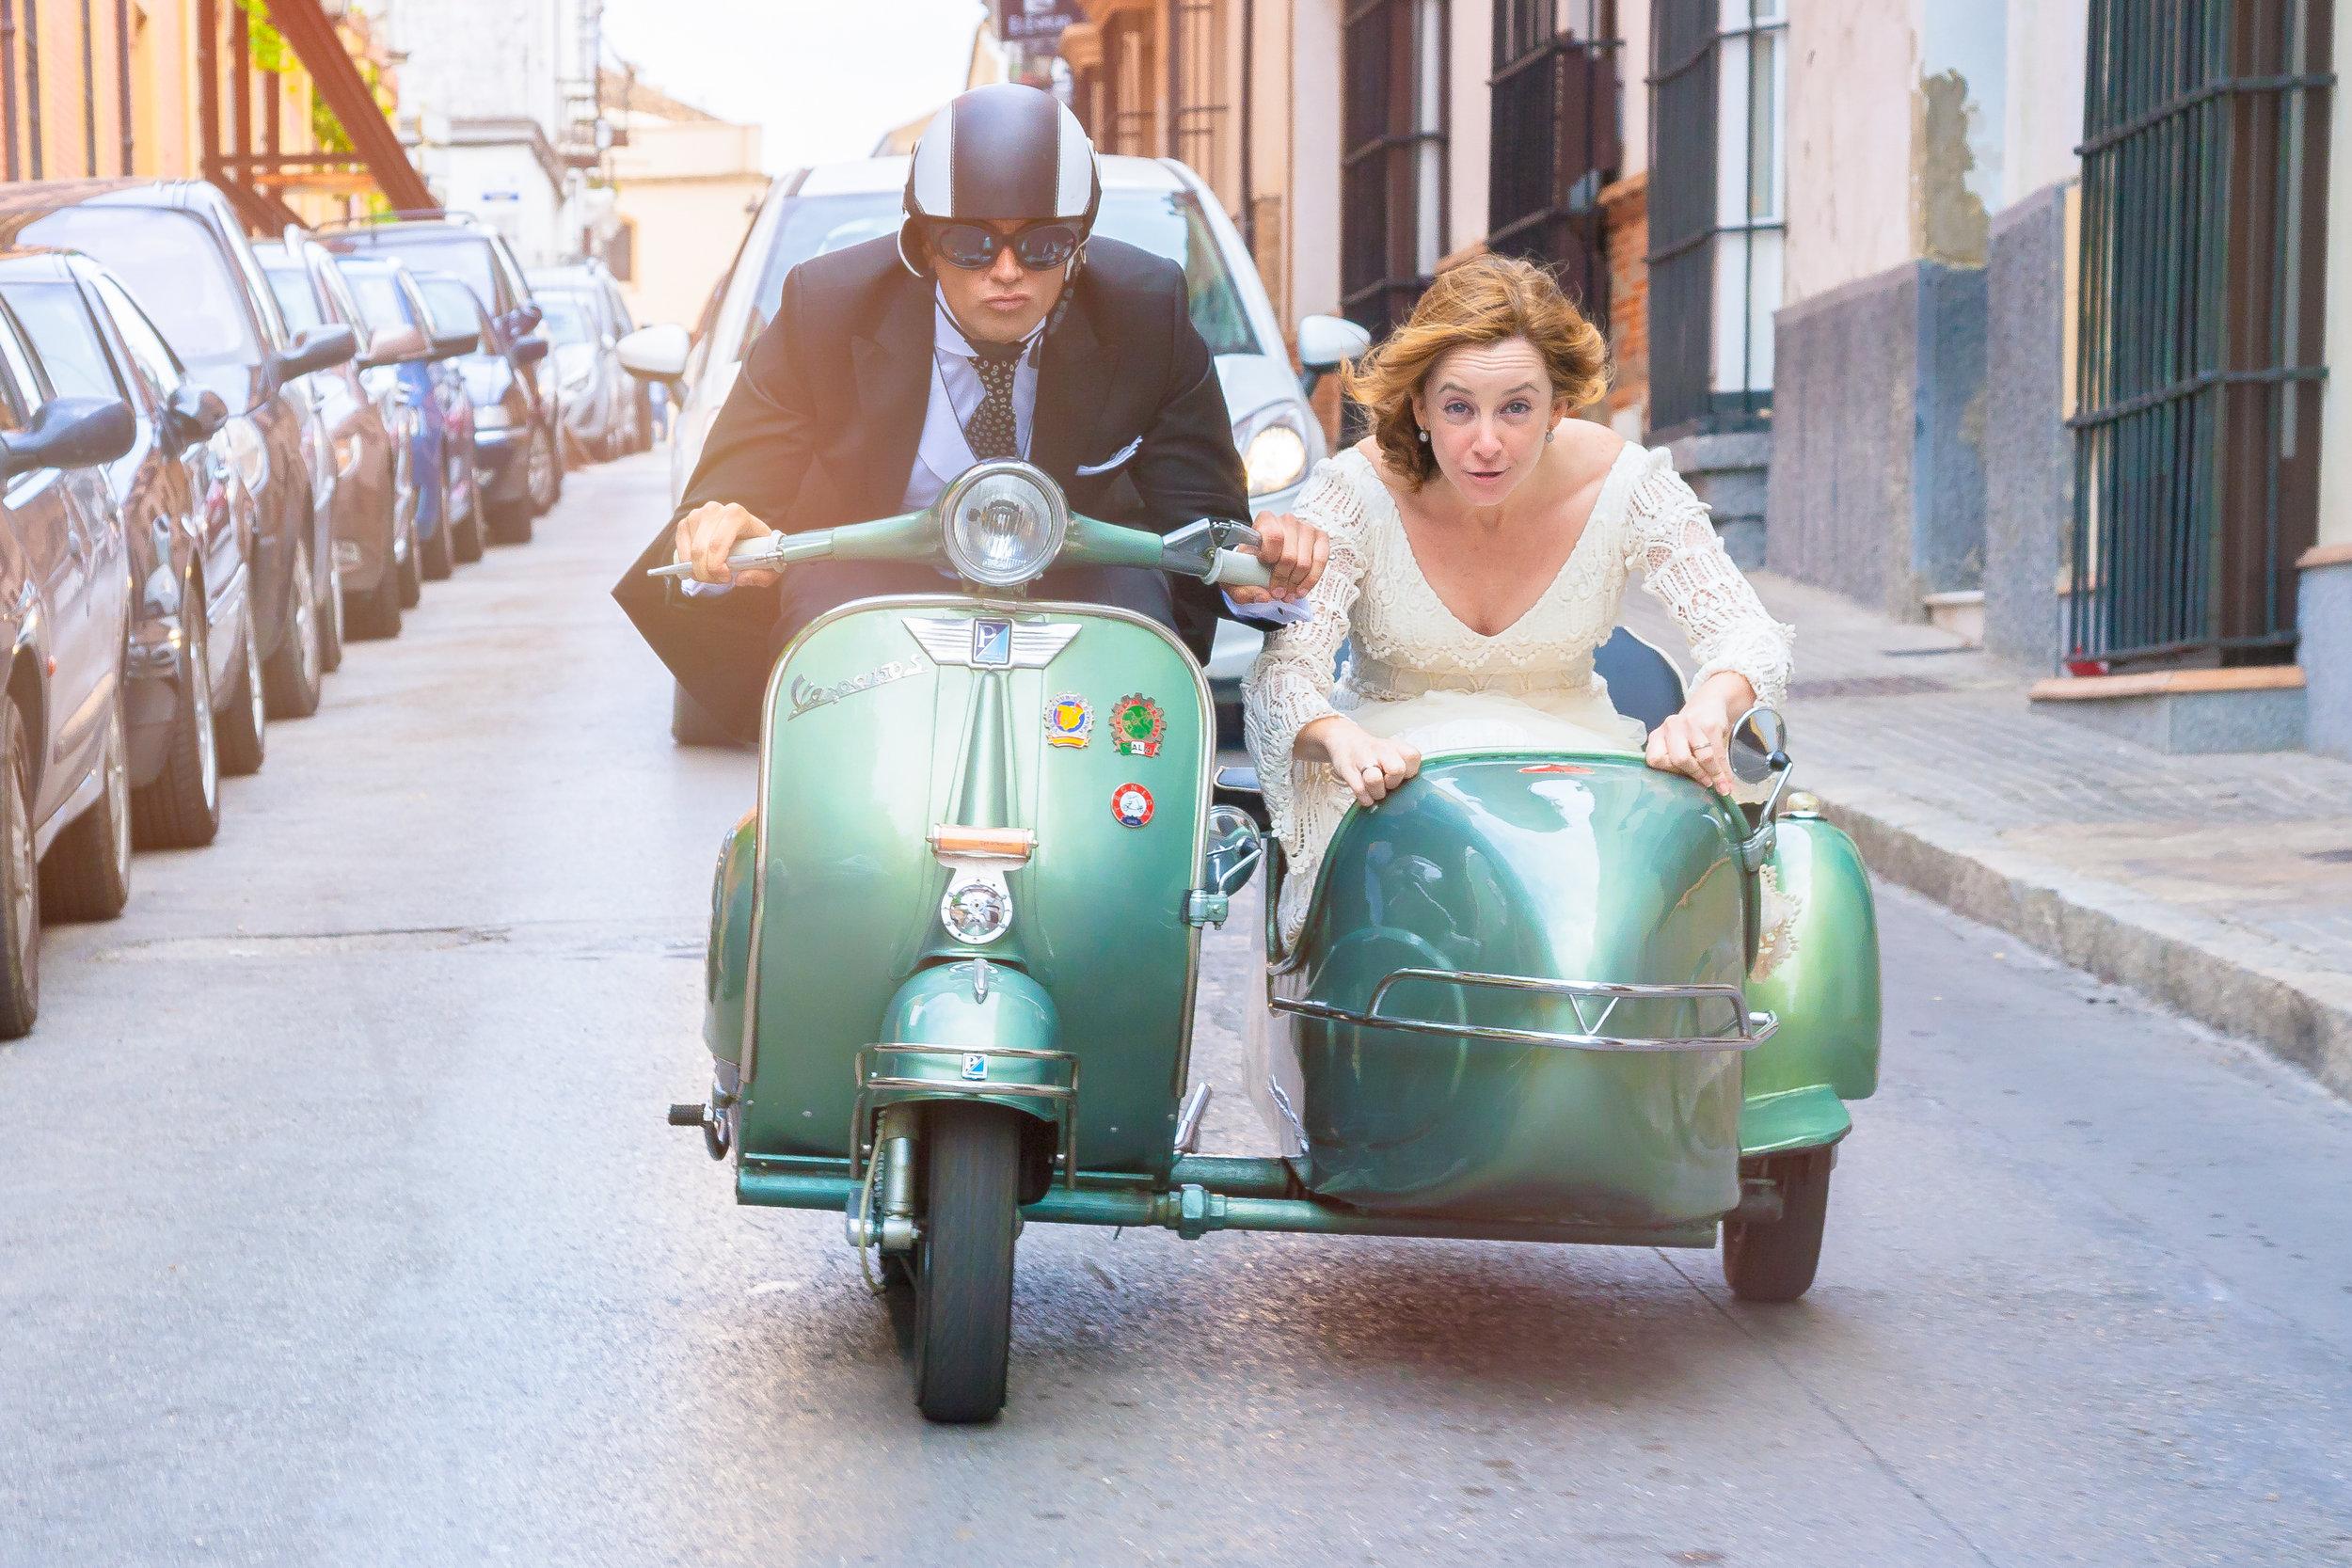 bodas - ¿cómo recordarás tu gran día?